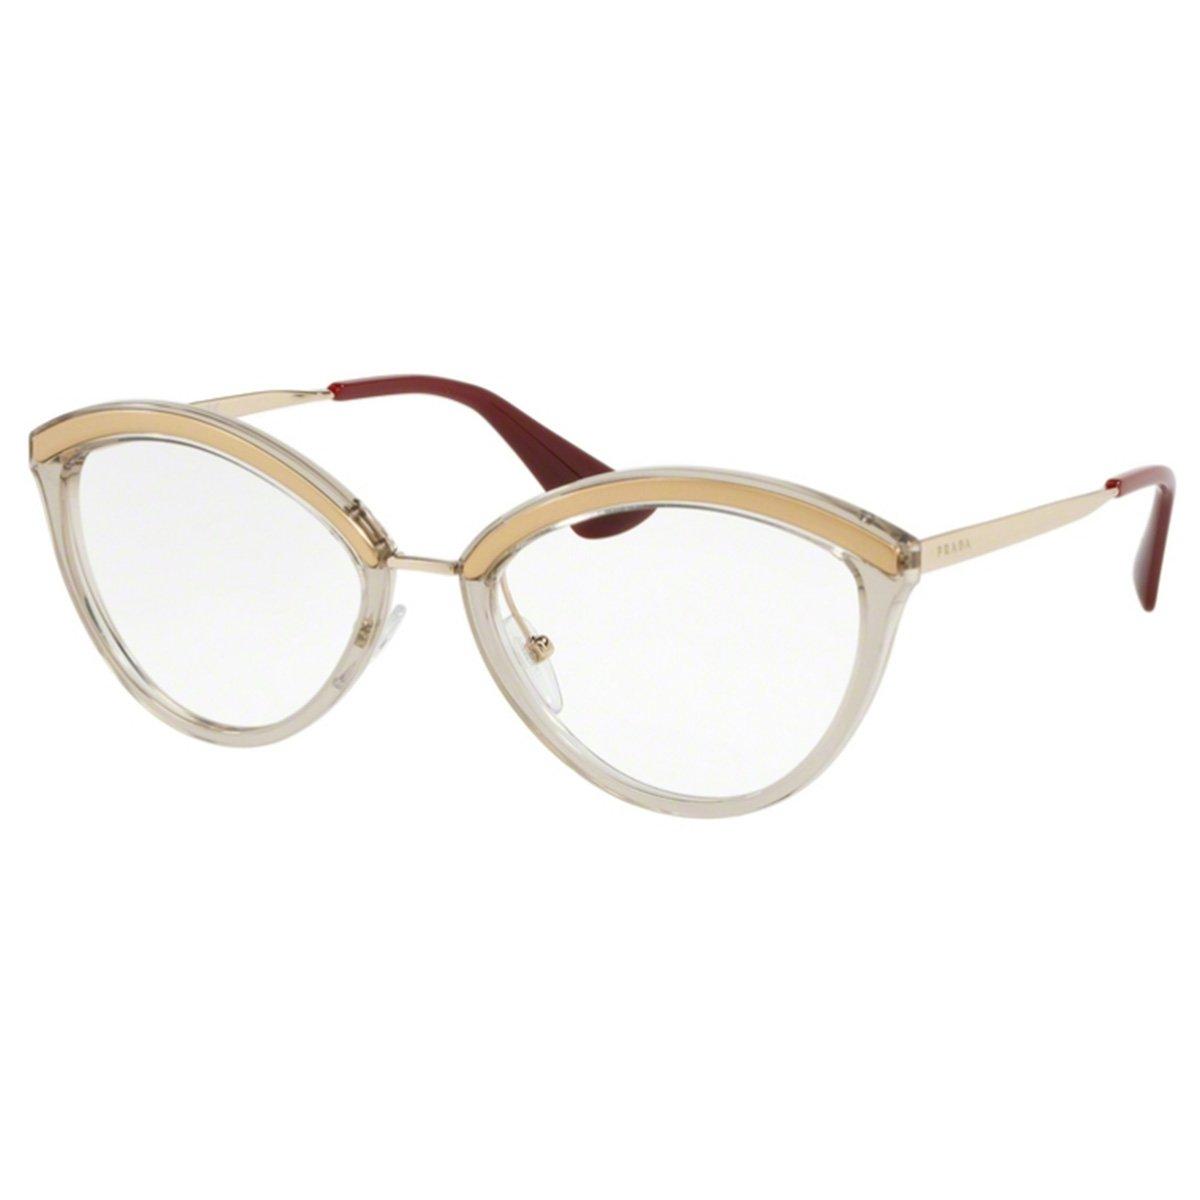 11a506620 Compre Óculos de Grau Prada em 10X   Tri-Jóia Shop